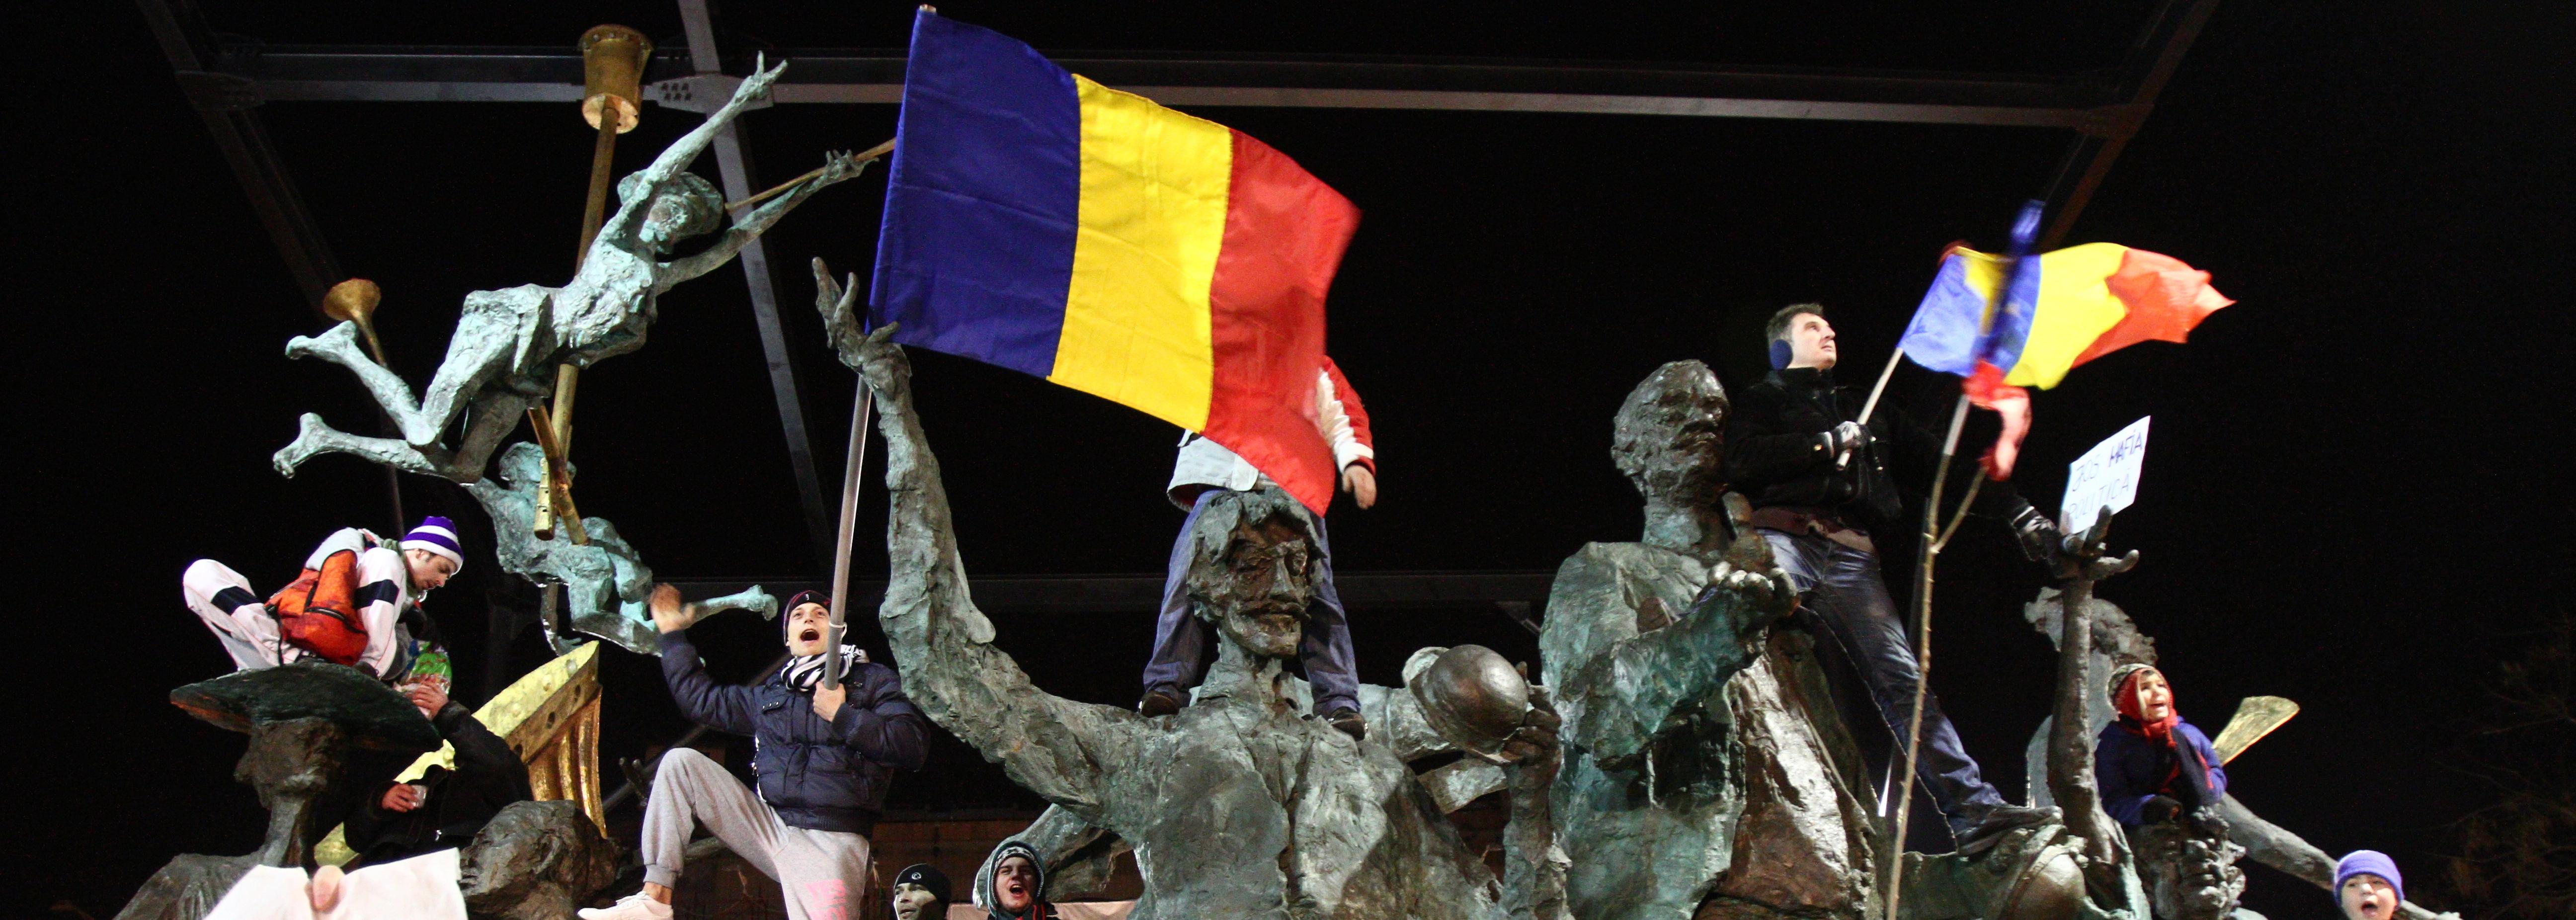 Imaginile violente pe care Romania nu le-a mai vazut de la mineriade. VIDEO si GALERIE FOTO